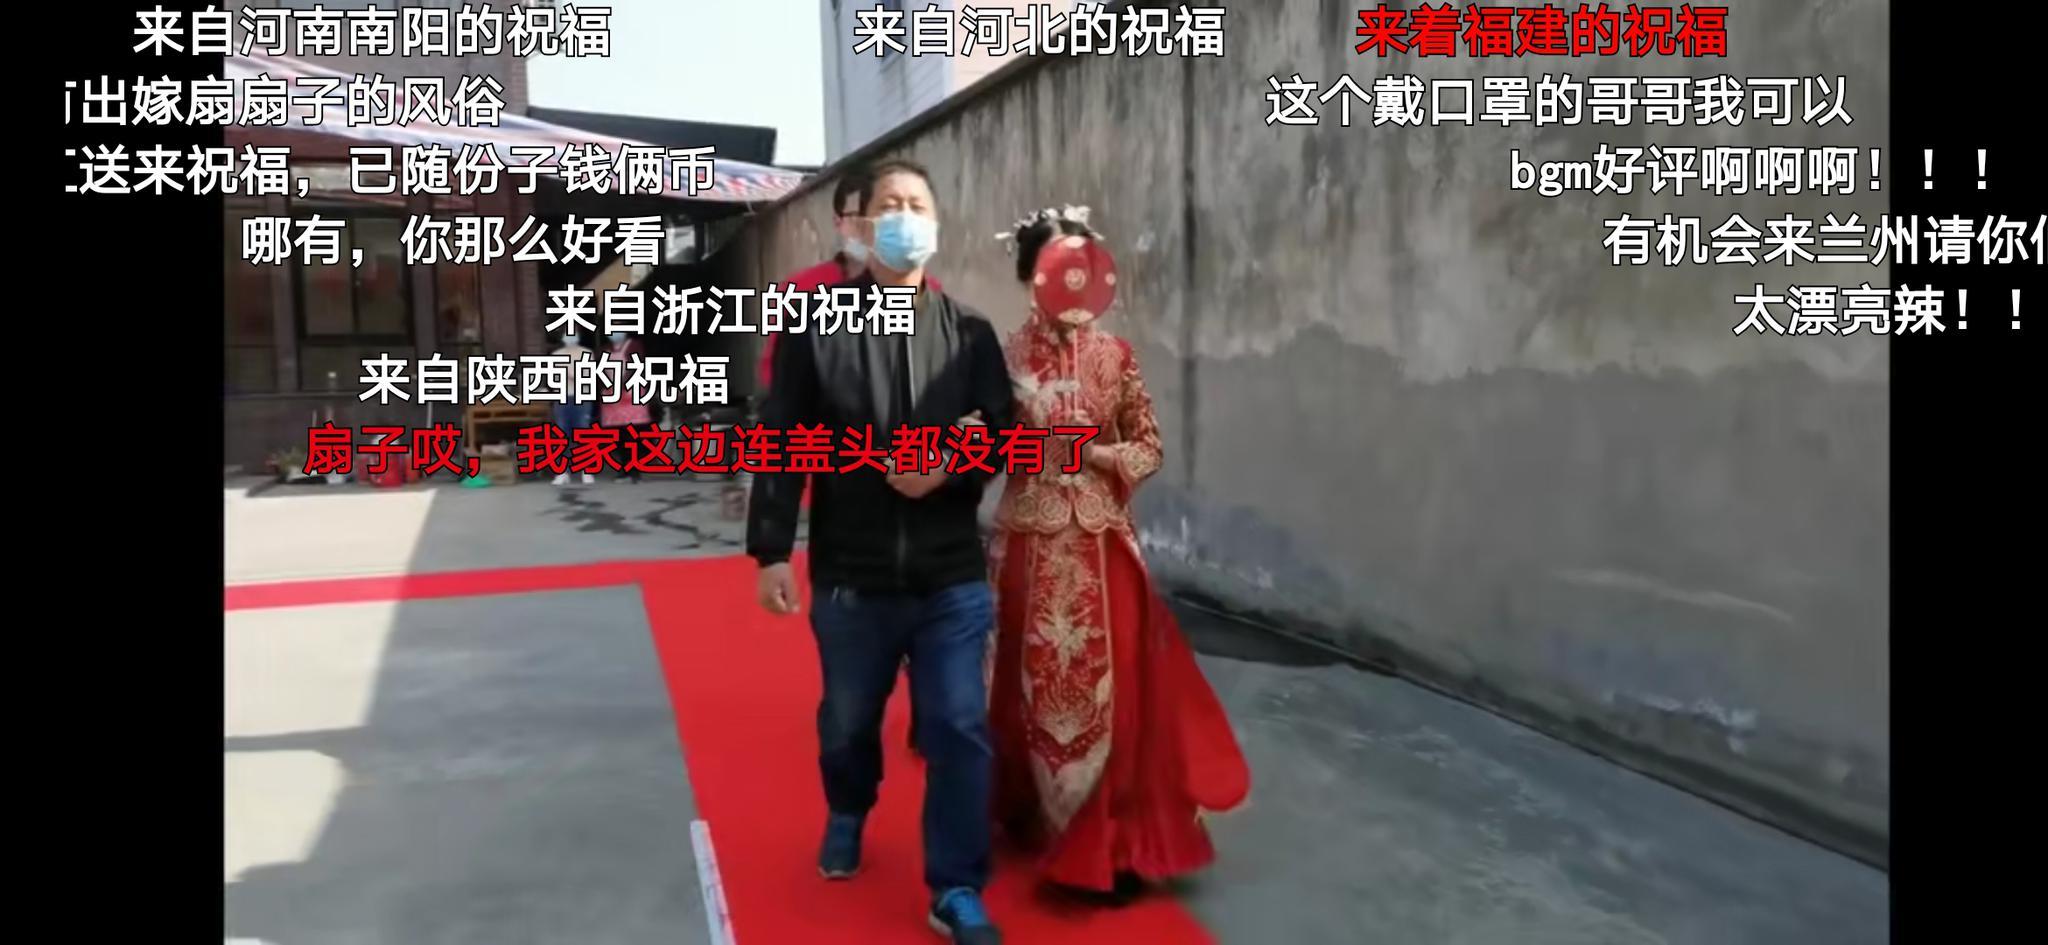 婚礼在杭州一处农村小院里简单举行。新娘孙晗晓用团扇遮面,挽着爸爸的手走出院子。现场除新人外其他人均戴着口罩。视频截图